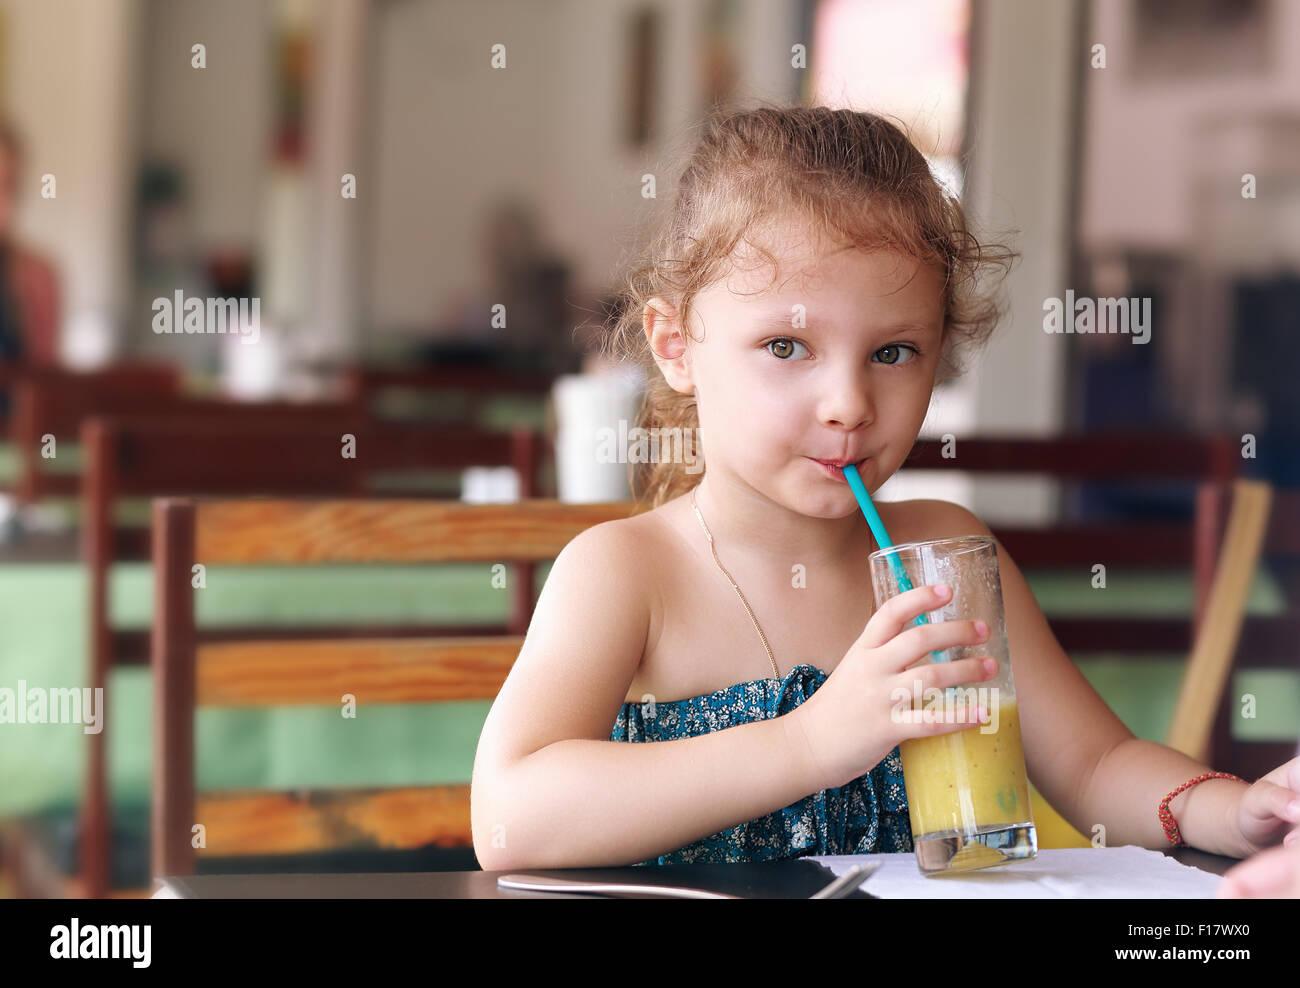 Adorável pequena menina kid sumo de beber café com seriedade Imagens de Stock